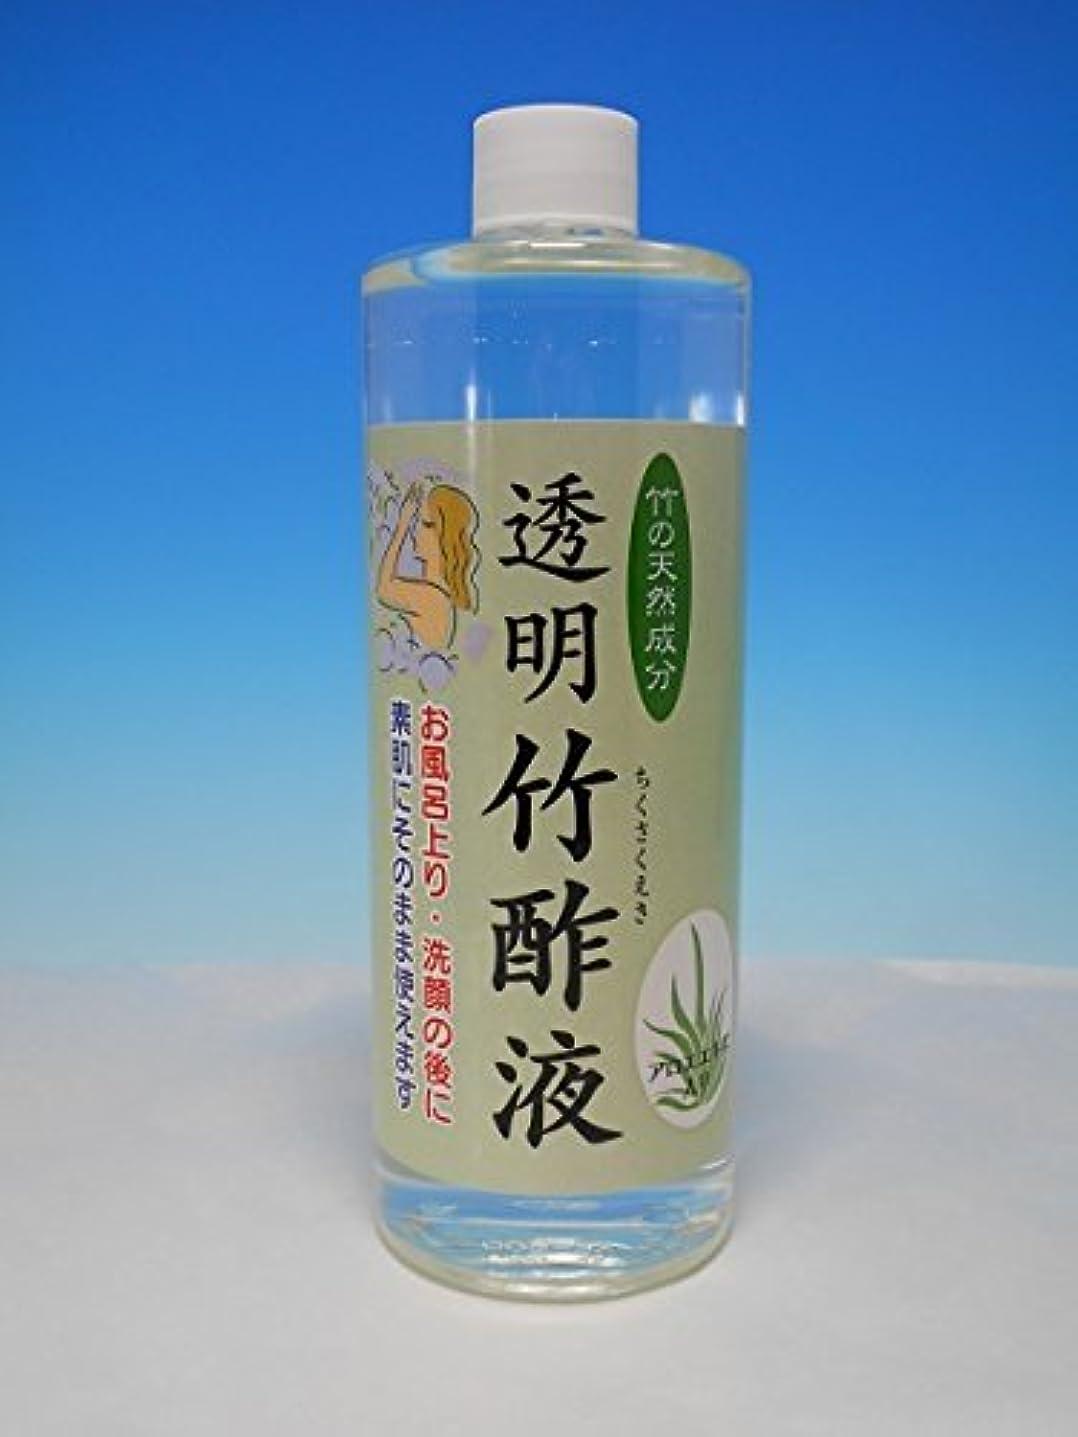 浸す豊富に政権透明竹酢液 500ml 素肌に使える化粧水タイプの竹酢液